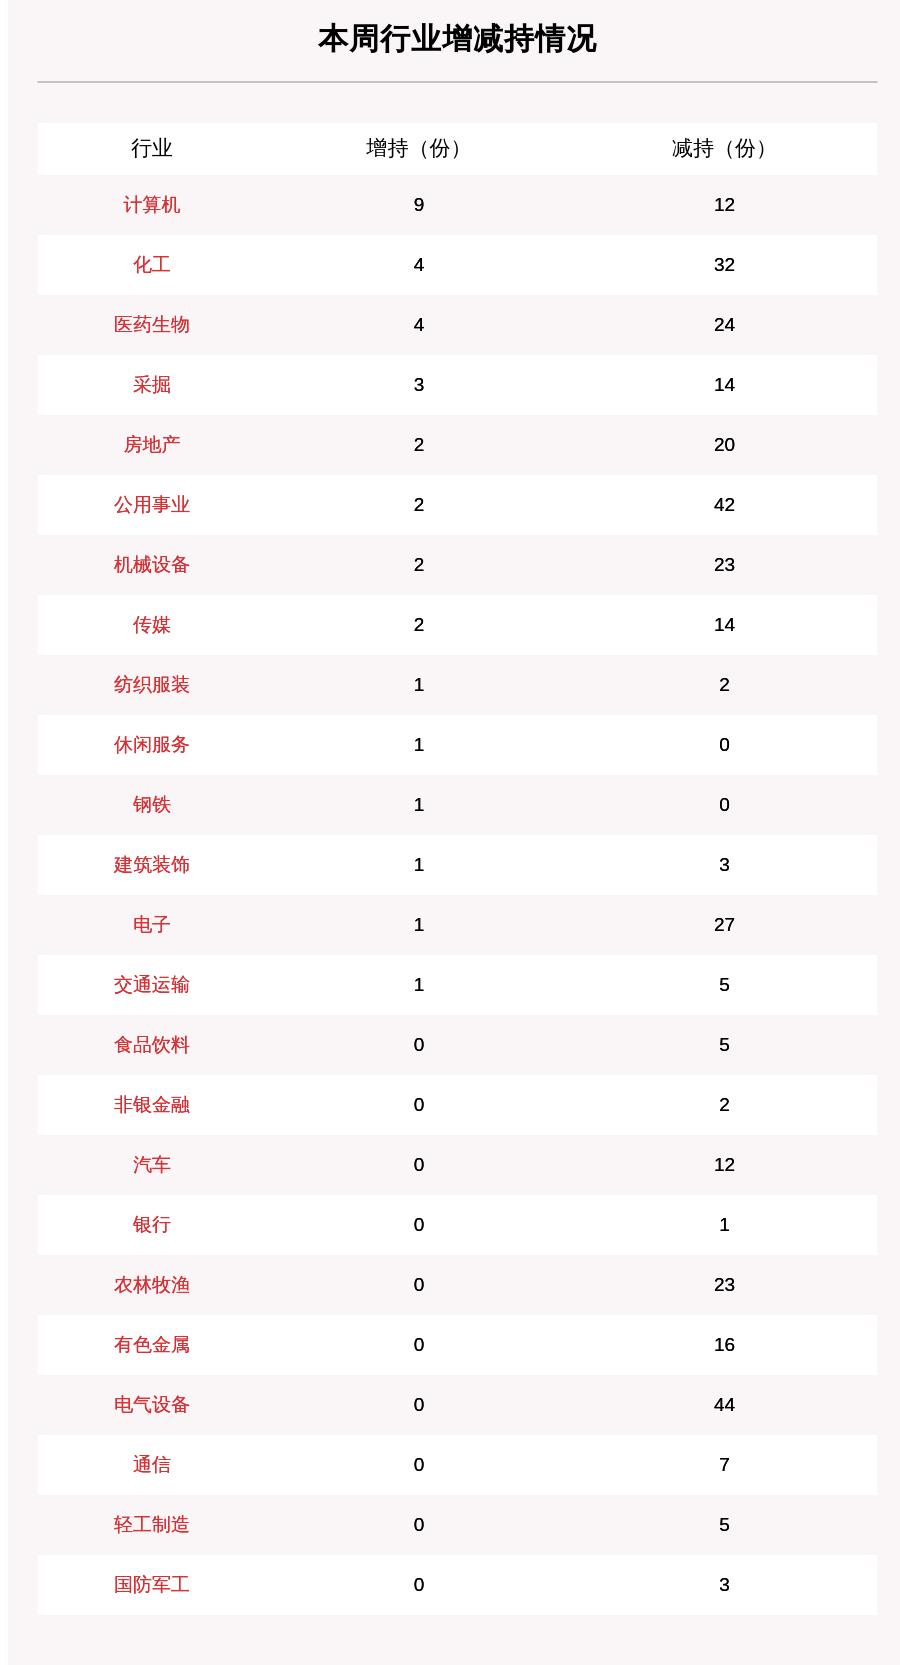 聚焦增减持:本周130家公司遭股东减持,这5家公司被减持最多(附表格)